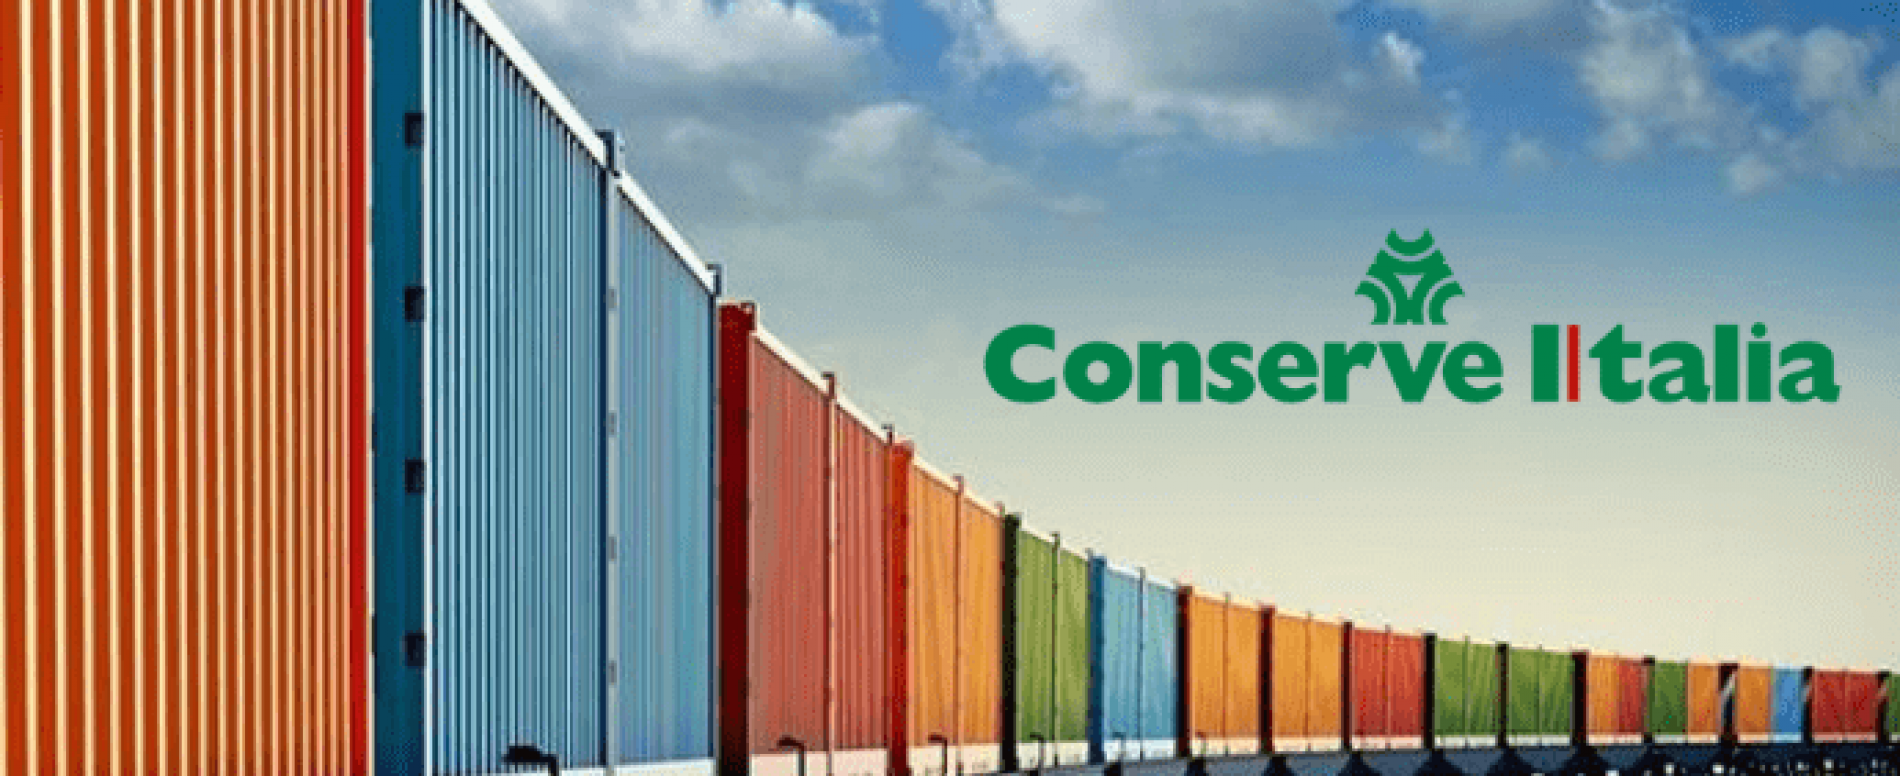 Conserve Italia sempre più green: meno pack e meno emissioni